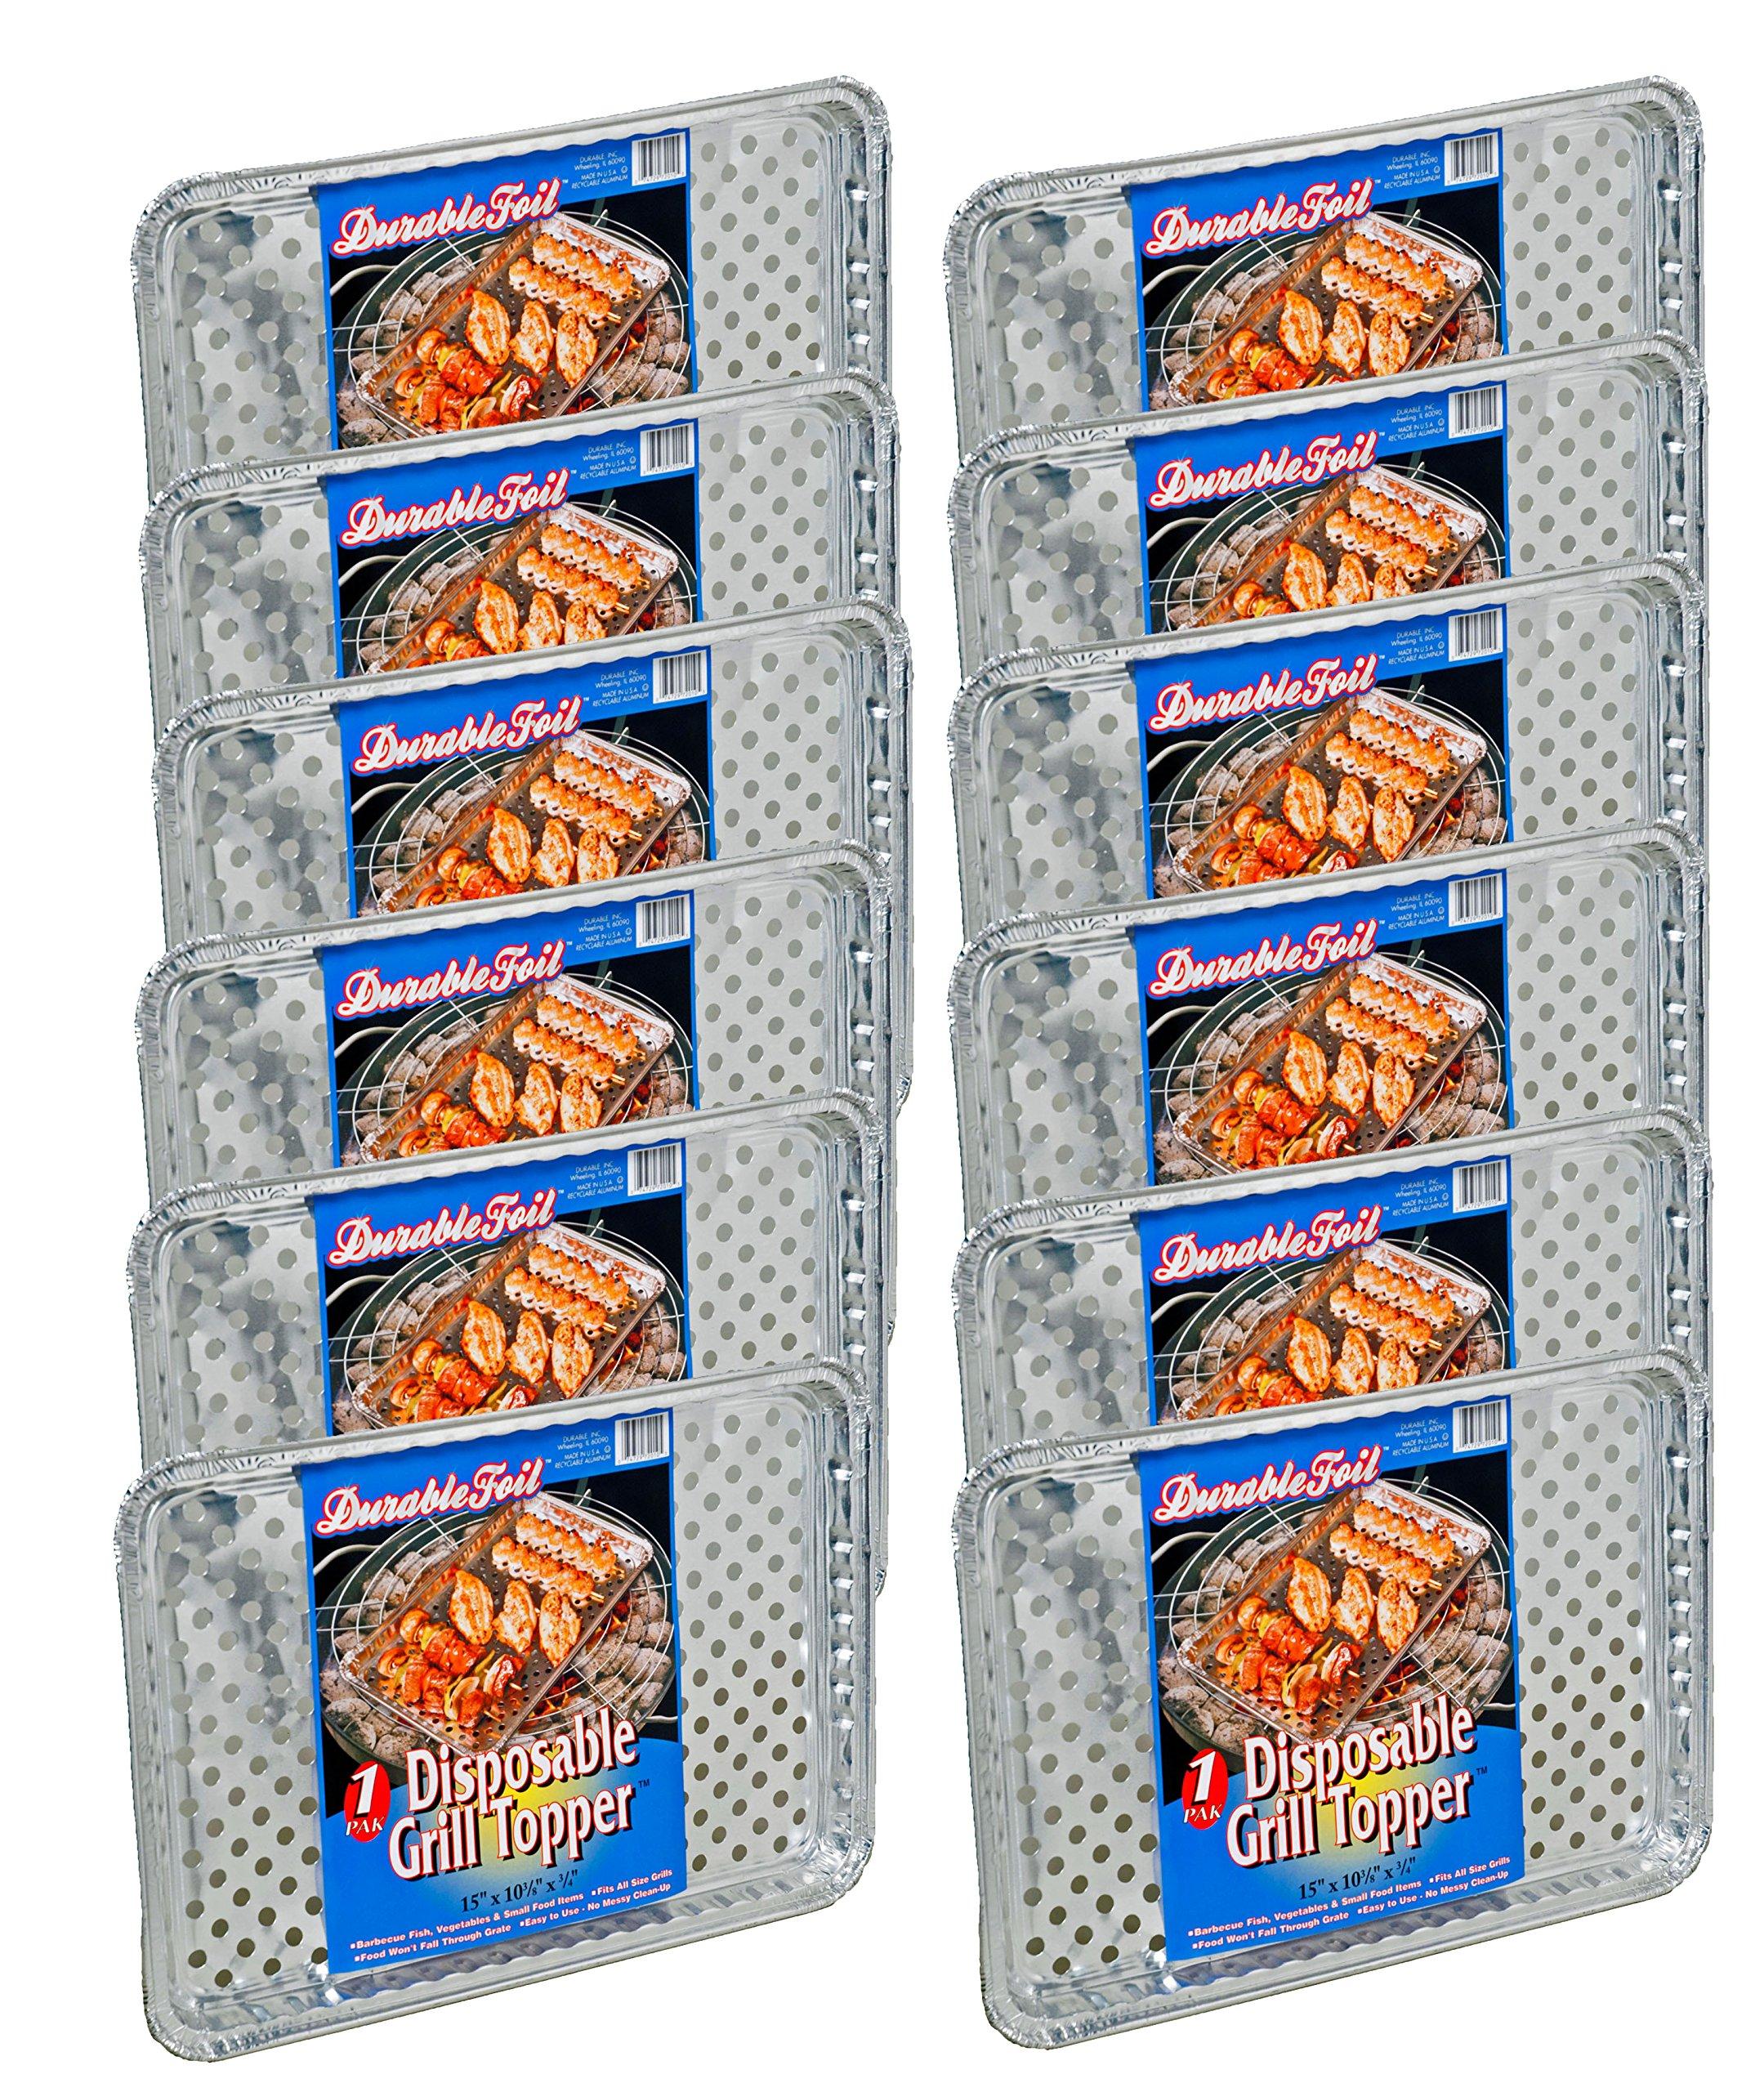 Set of 12 Durable Foil Disposable Deep Grill Topper Pans 11 3/4'' L x 9 1/4'' W x 1 1/2'' D